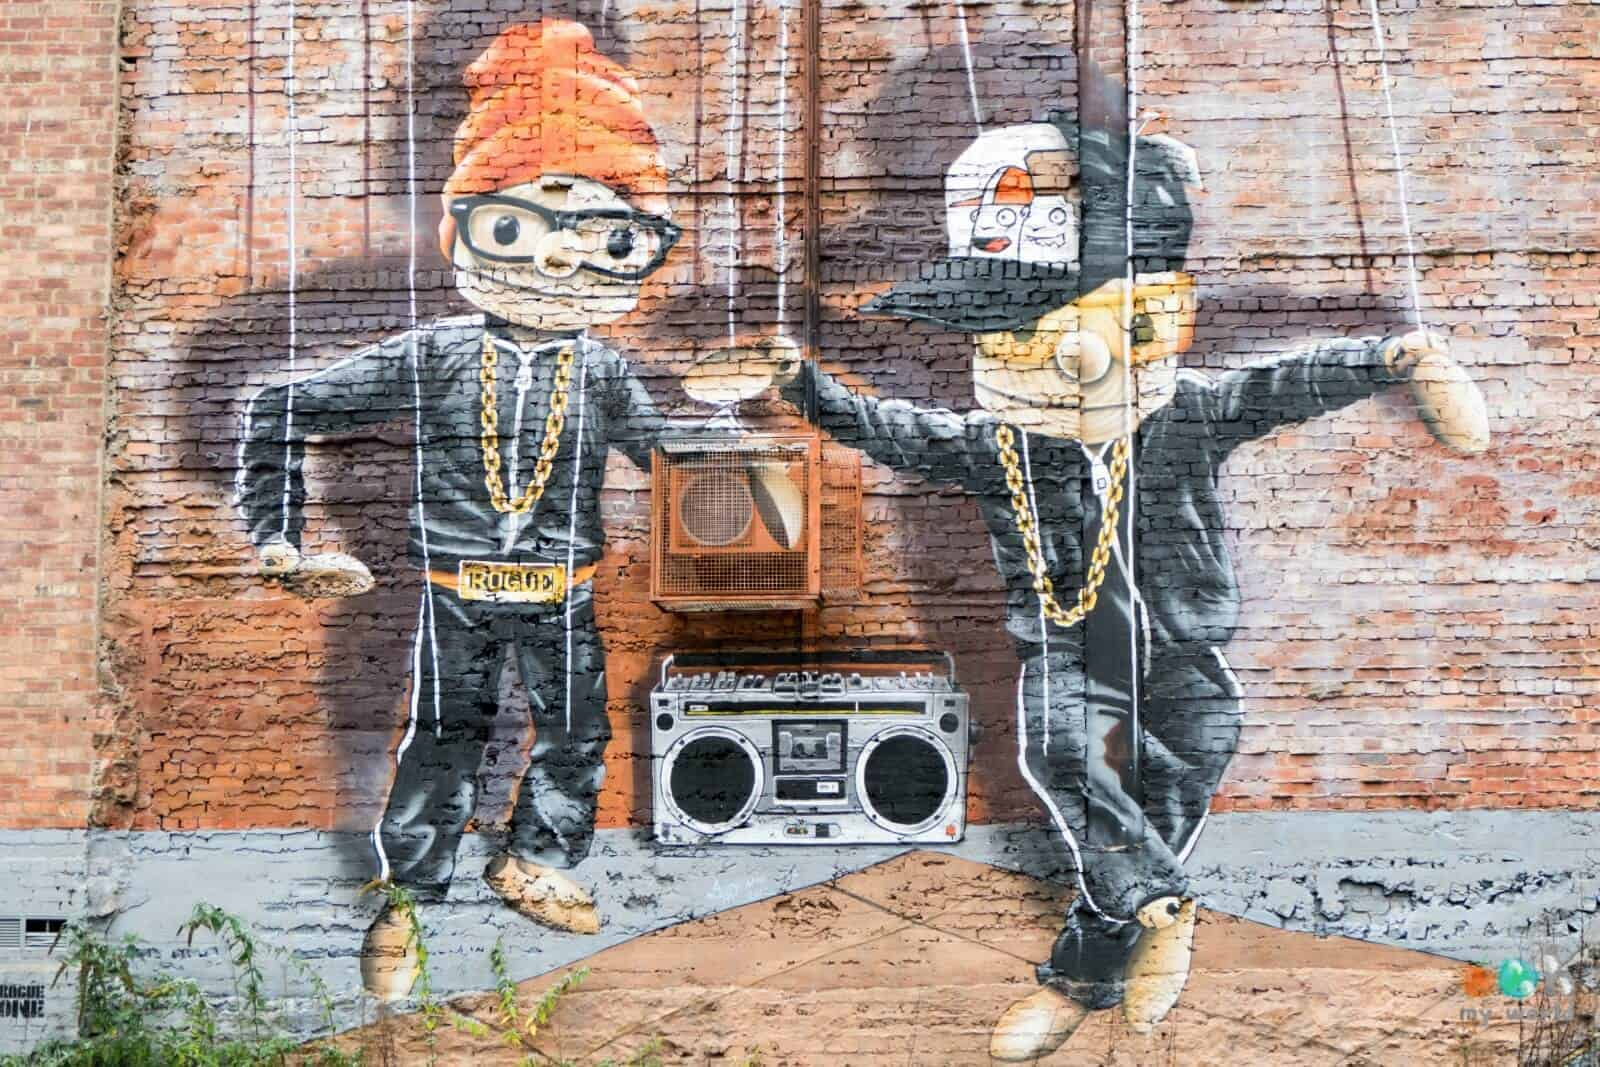 Visite guidée de Glasgow - Découverte d'une fresque de Rogue